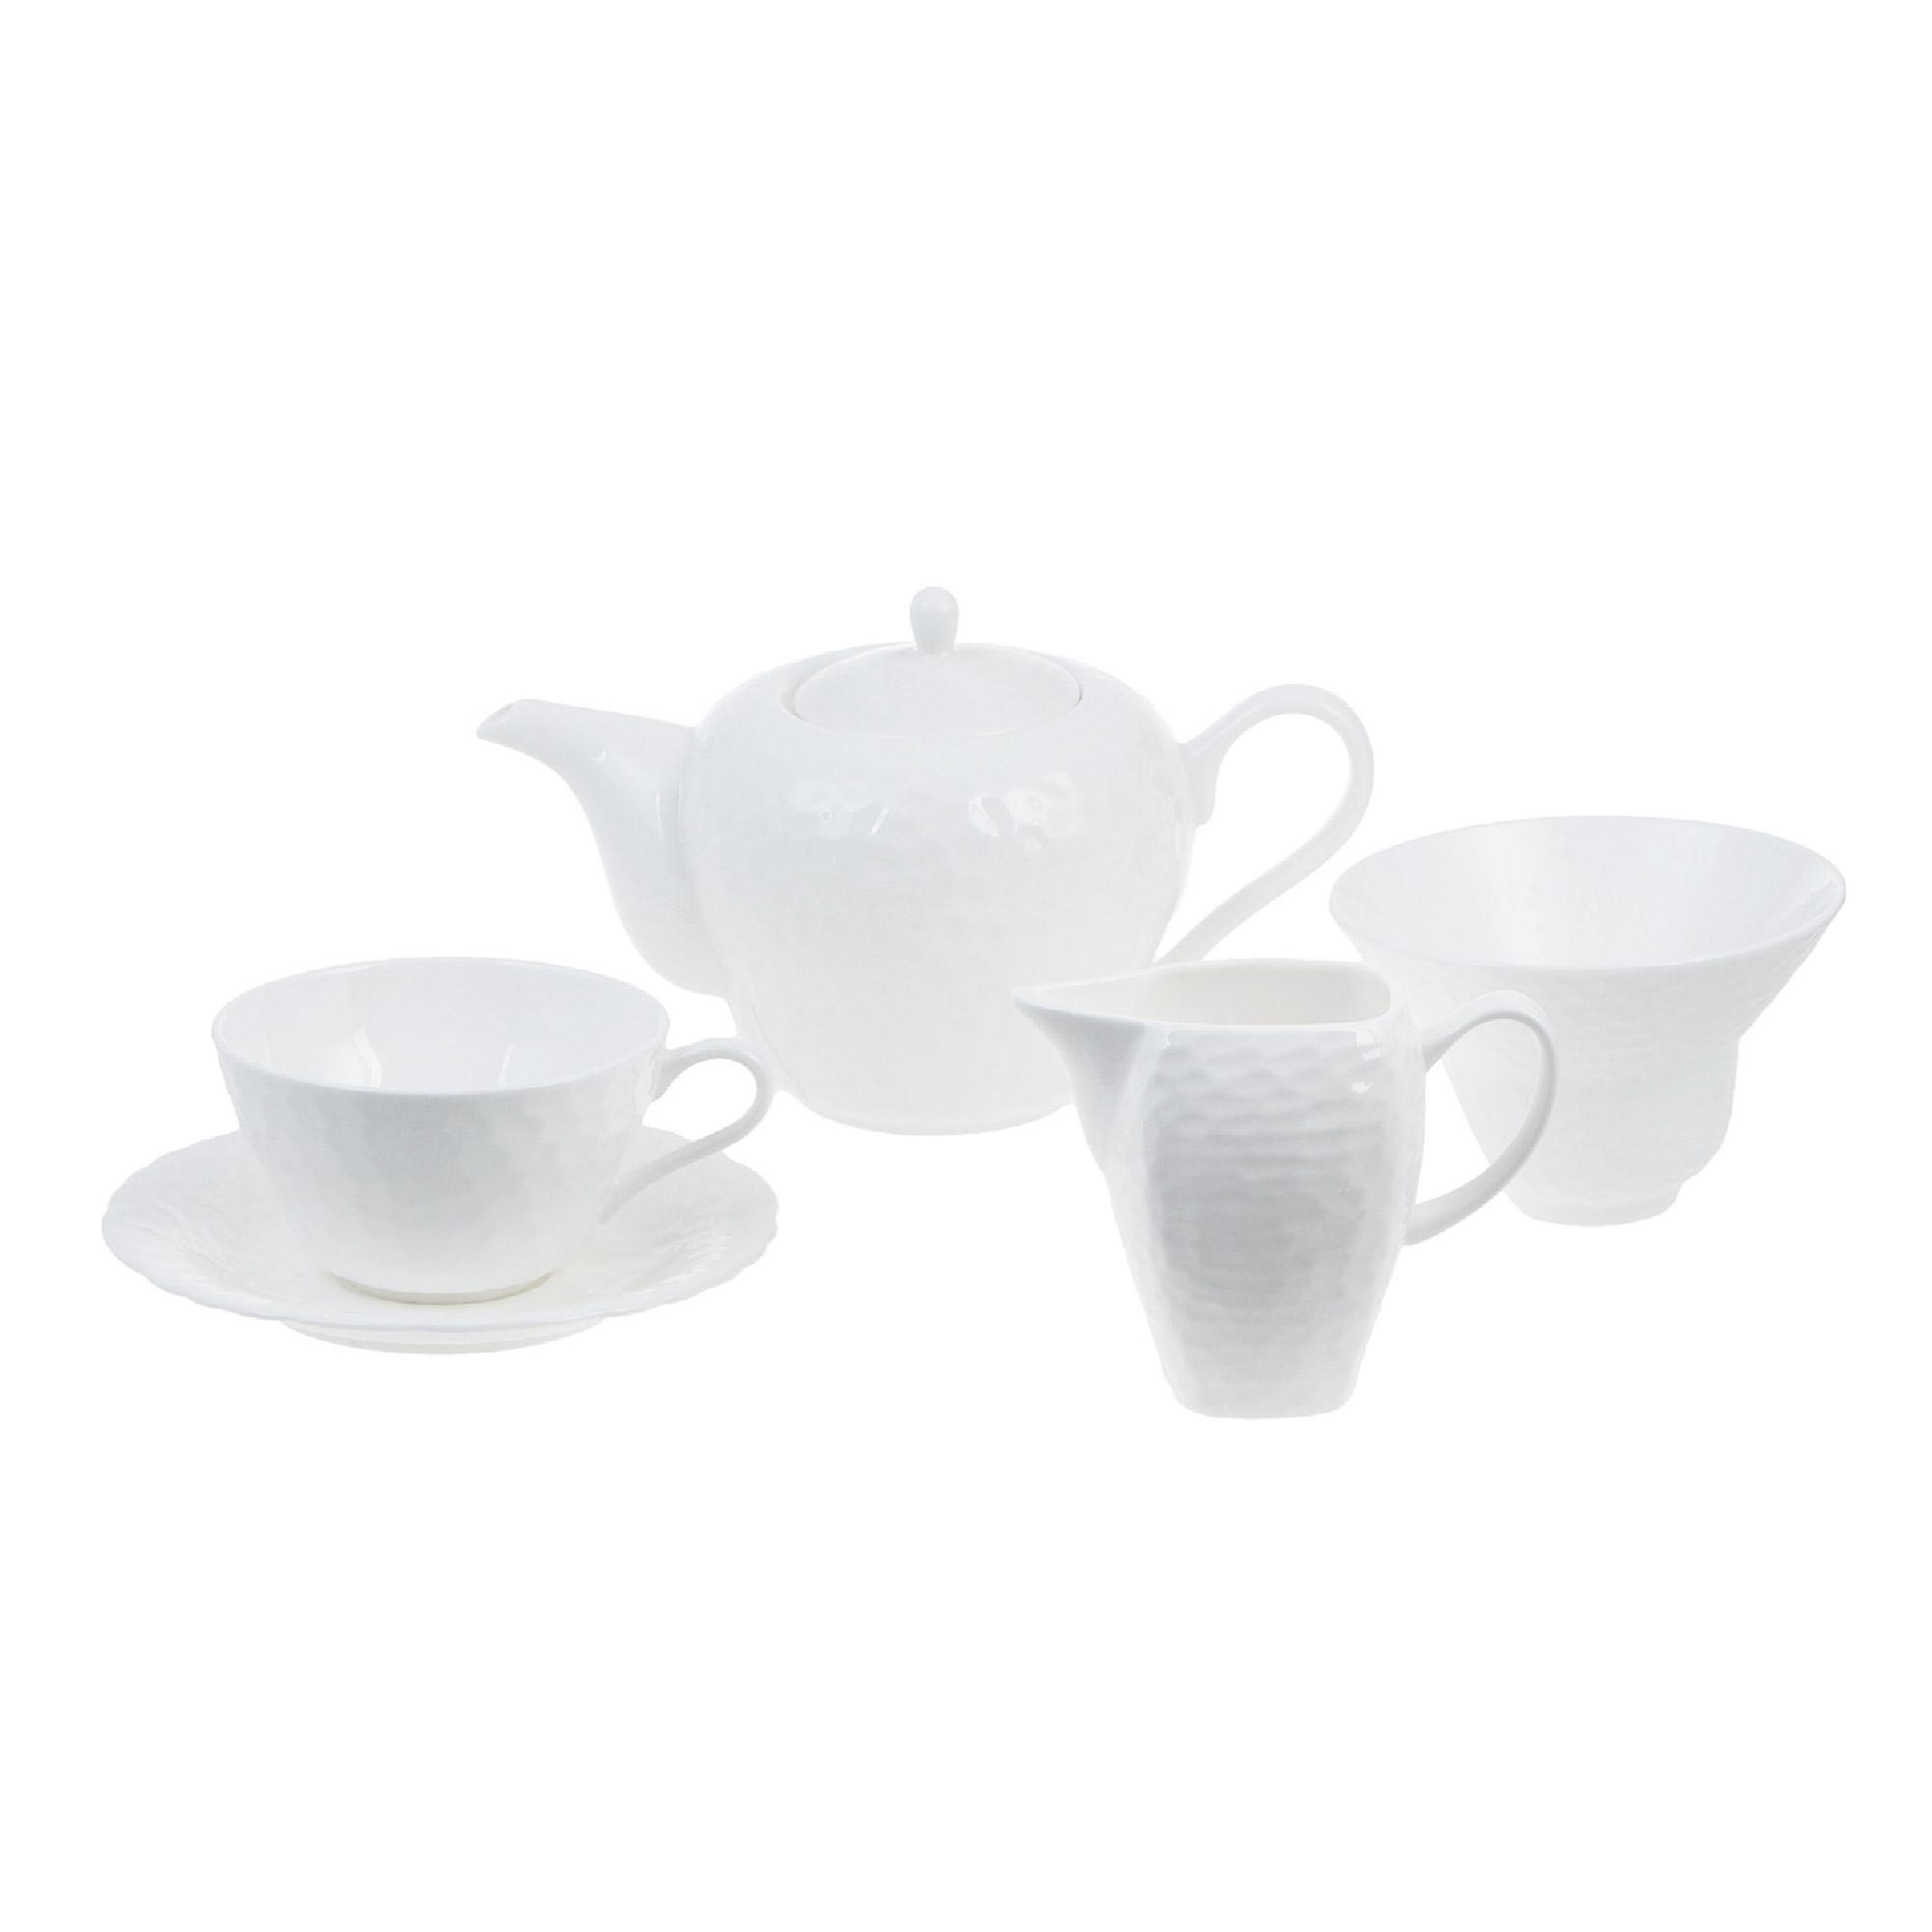 Сервиз чайный Топ арт студио гармония 15 предметов недорого